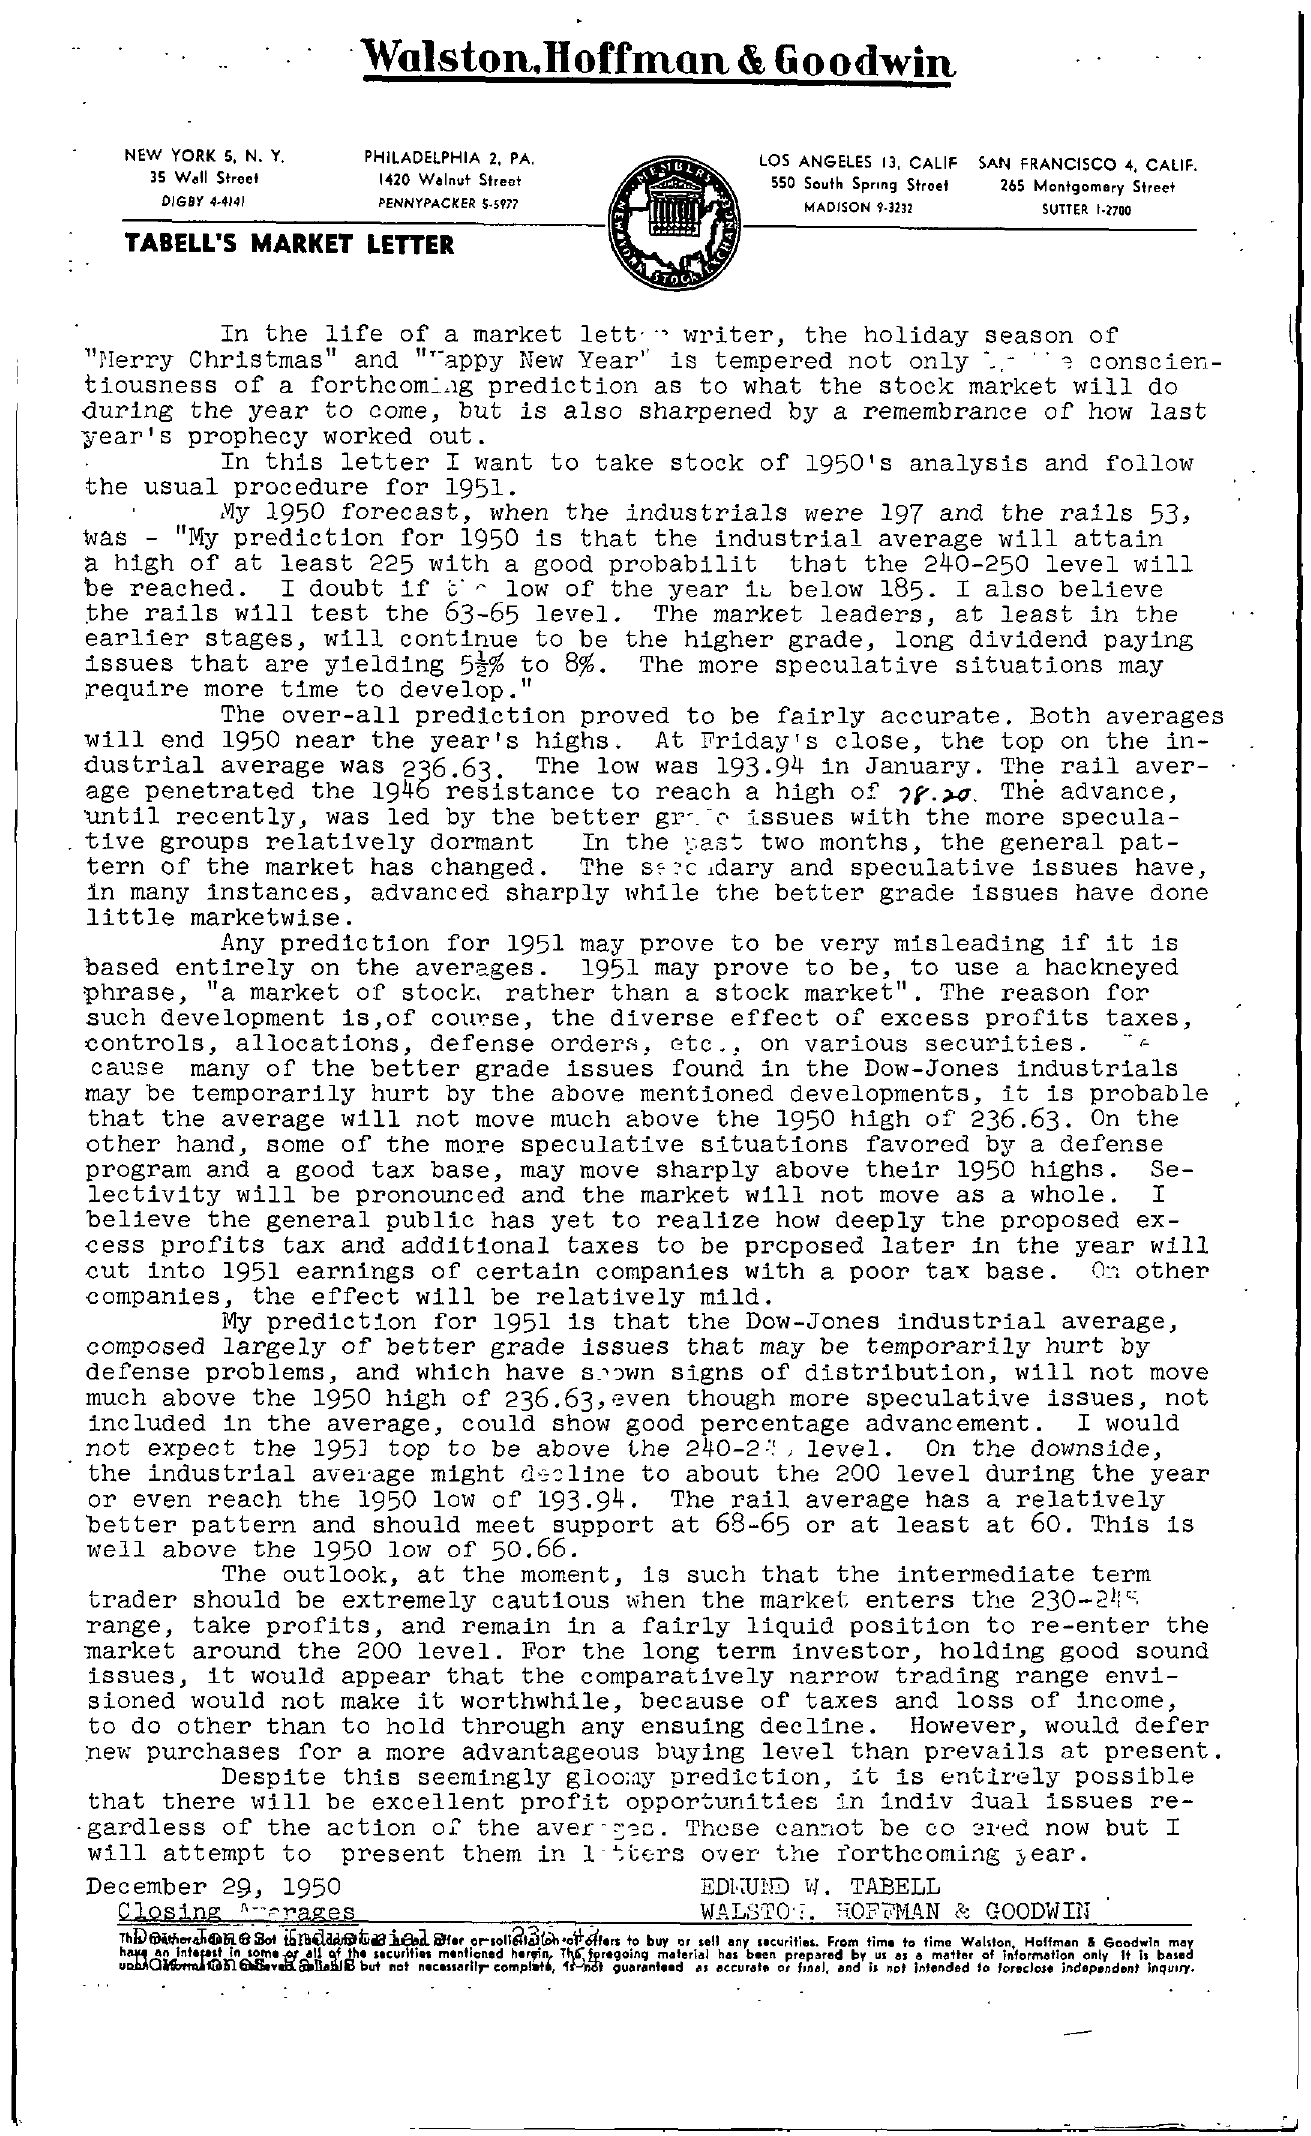 Tabell's Market Letter - December 29, 1950